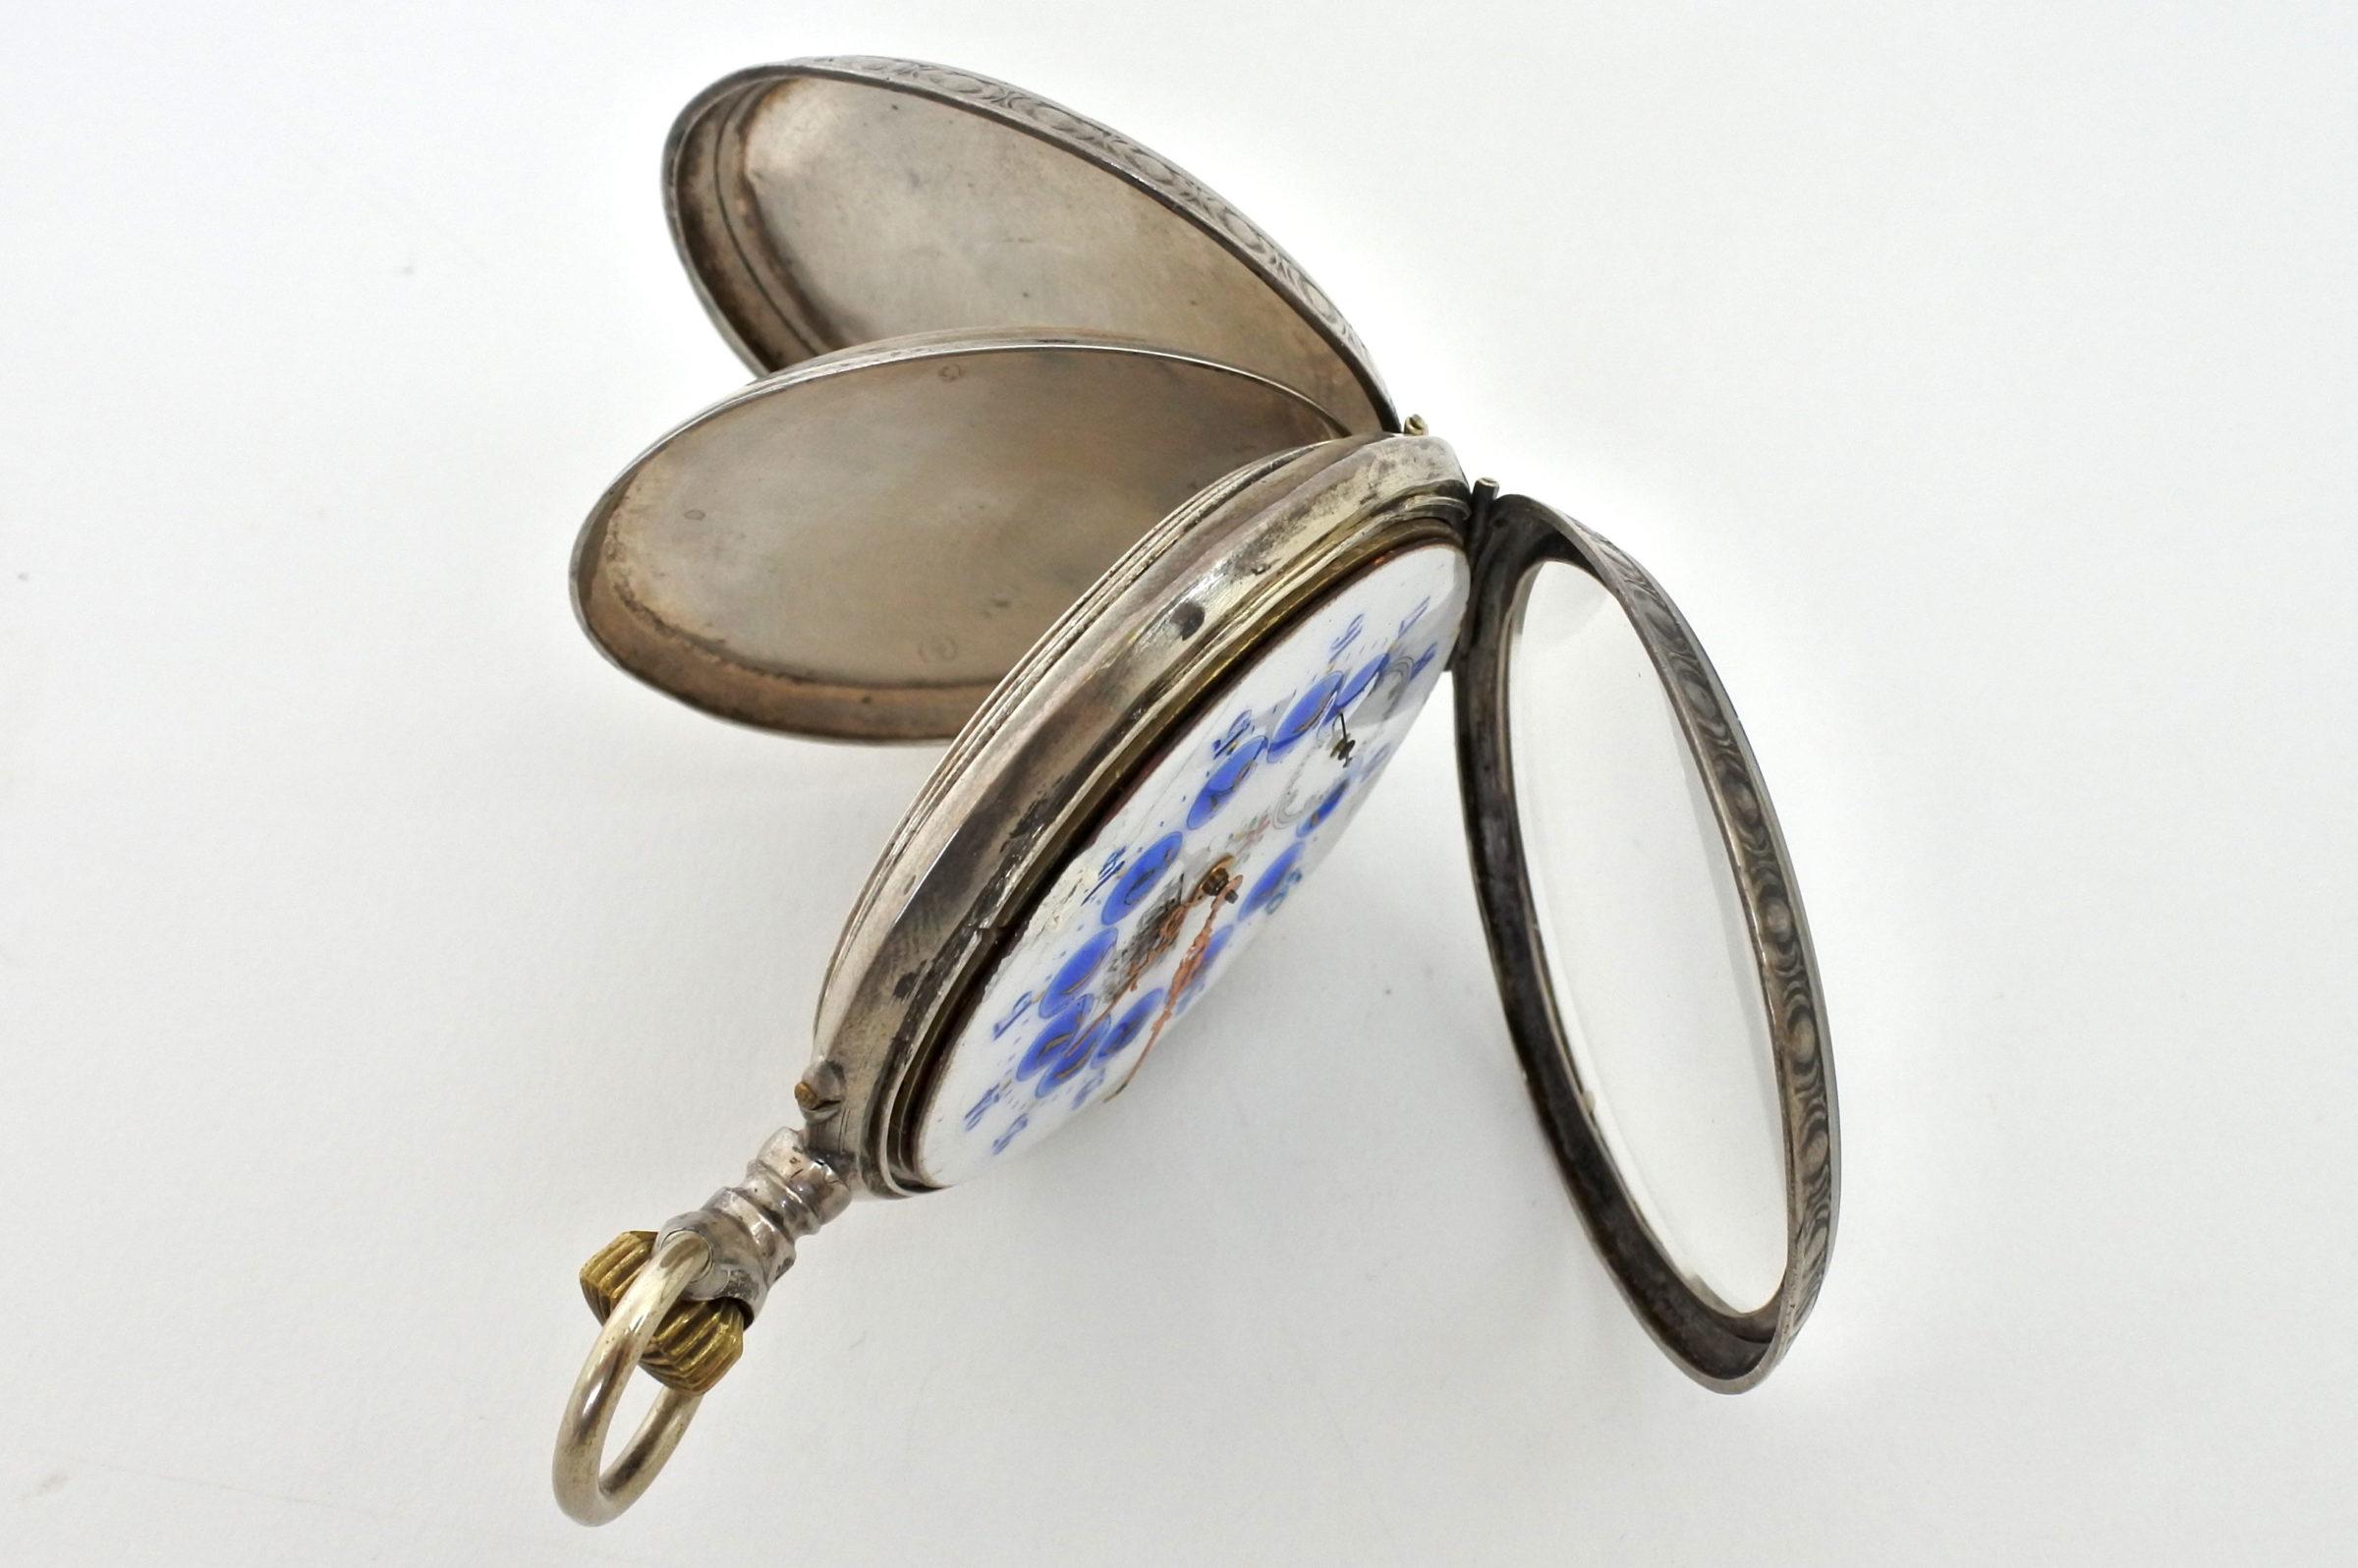 Orologio da tasca in argento con treno su quadrante - 6